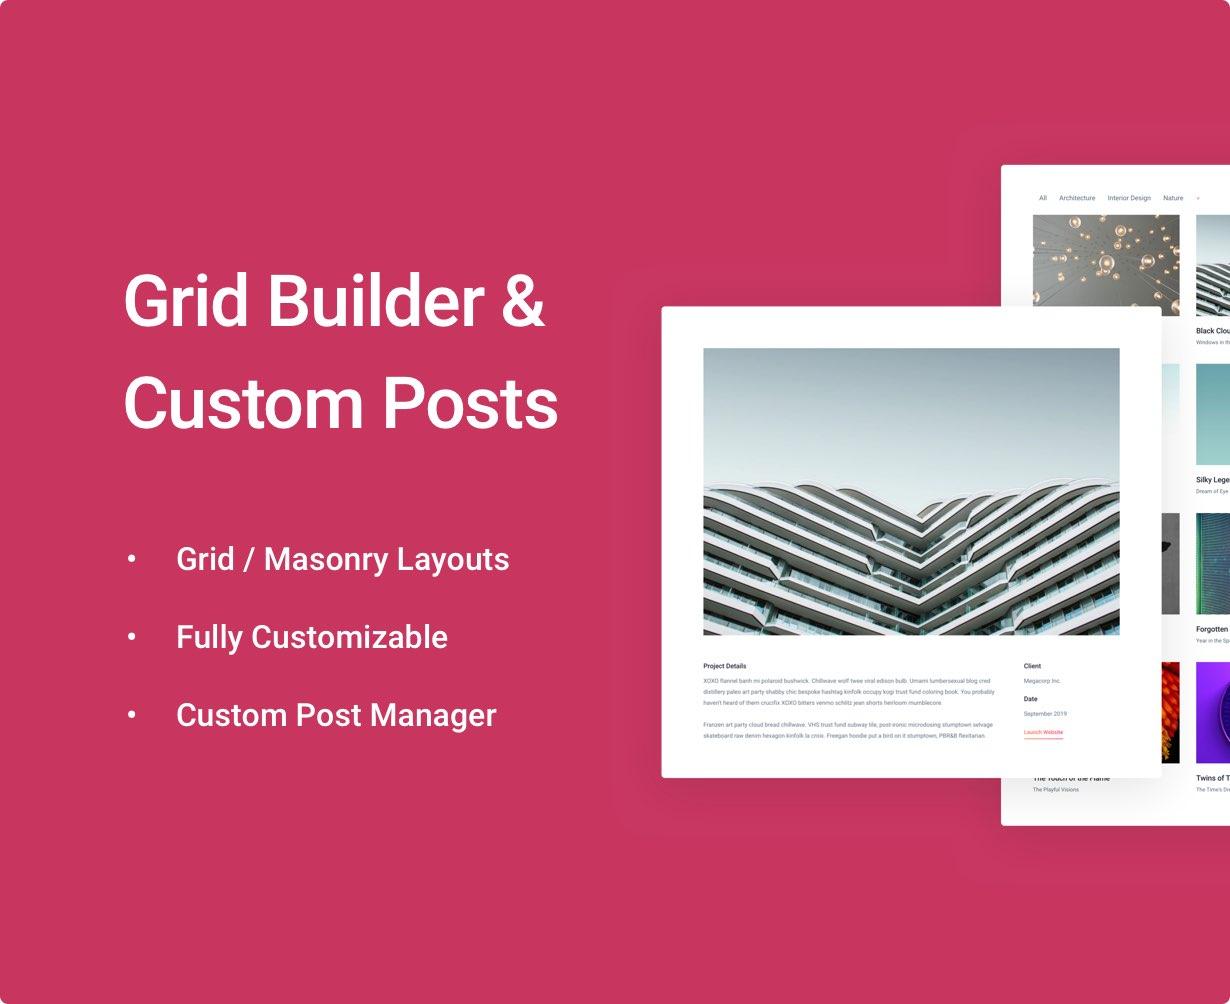 Engin - Multipurpose Landing Page WordPress Theme - 8